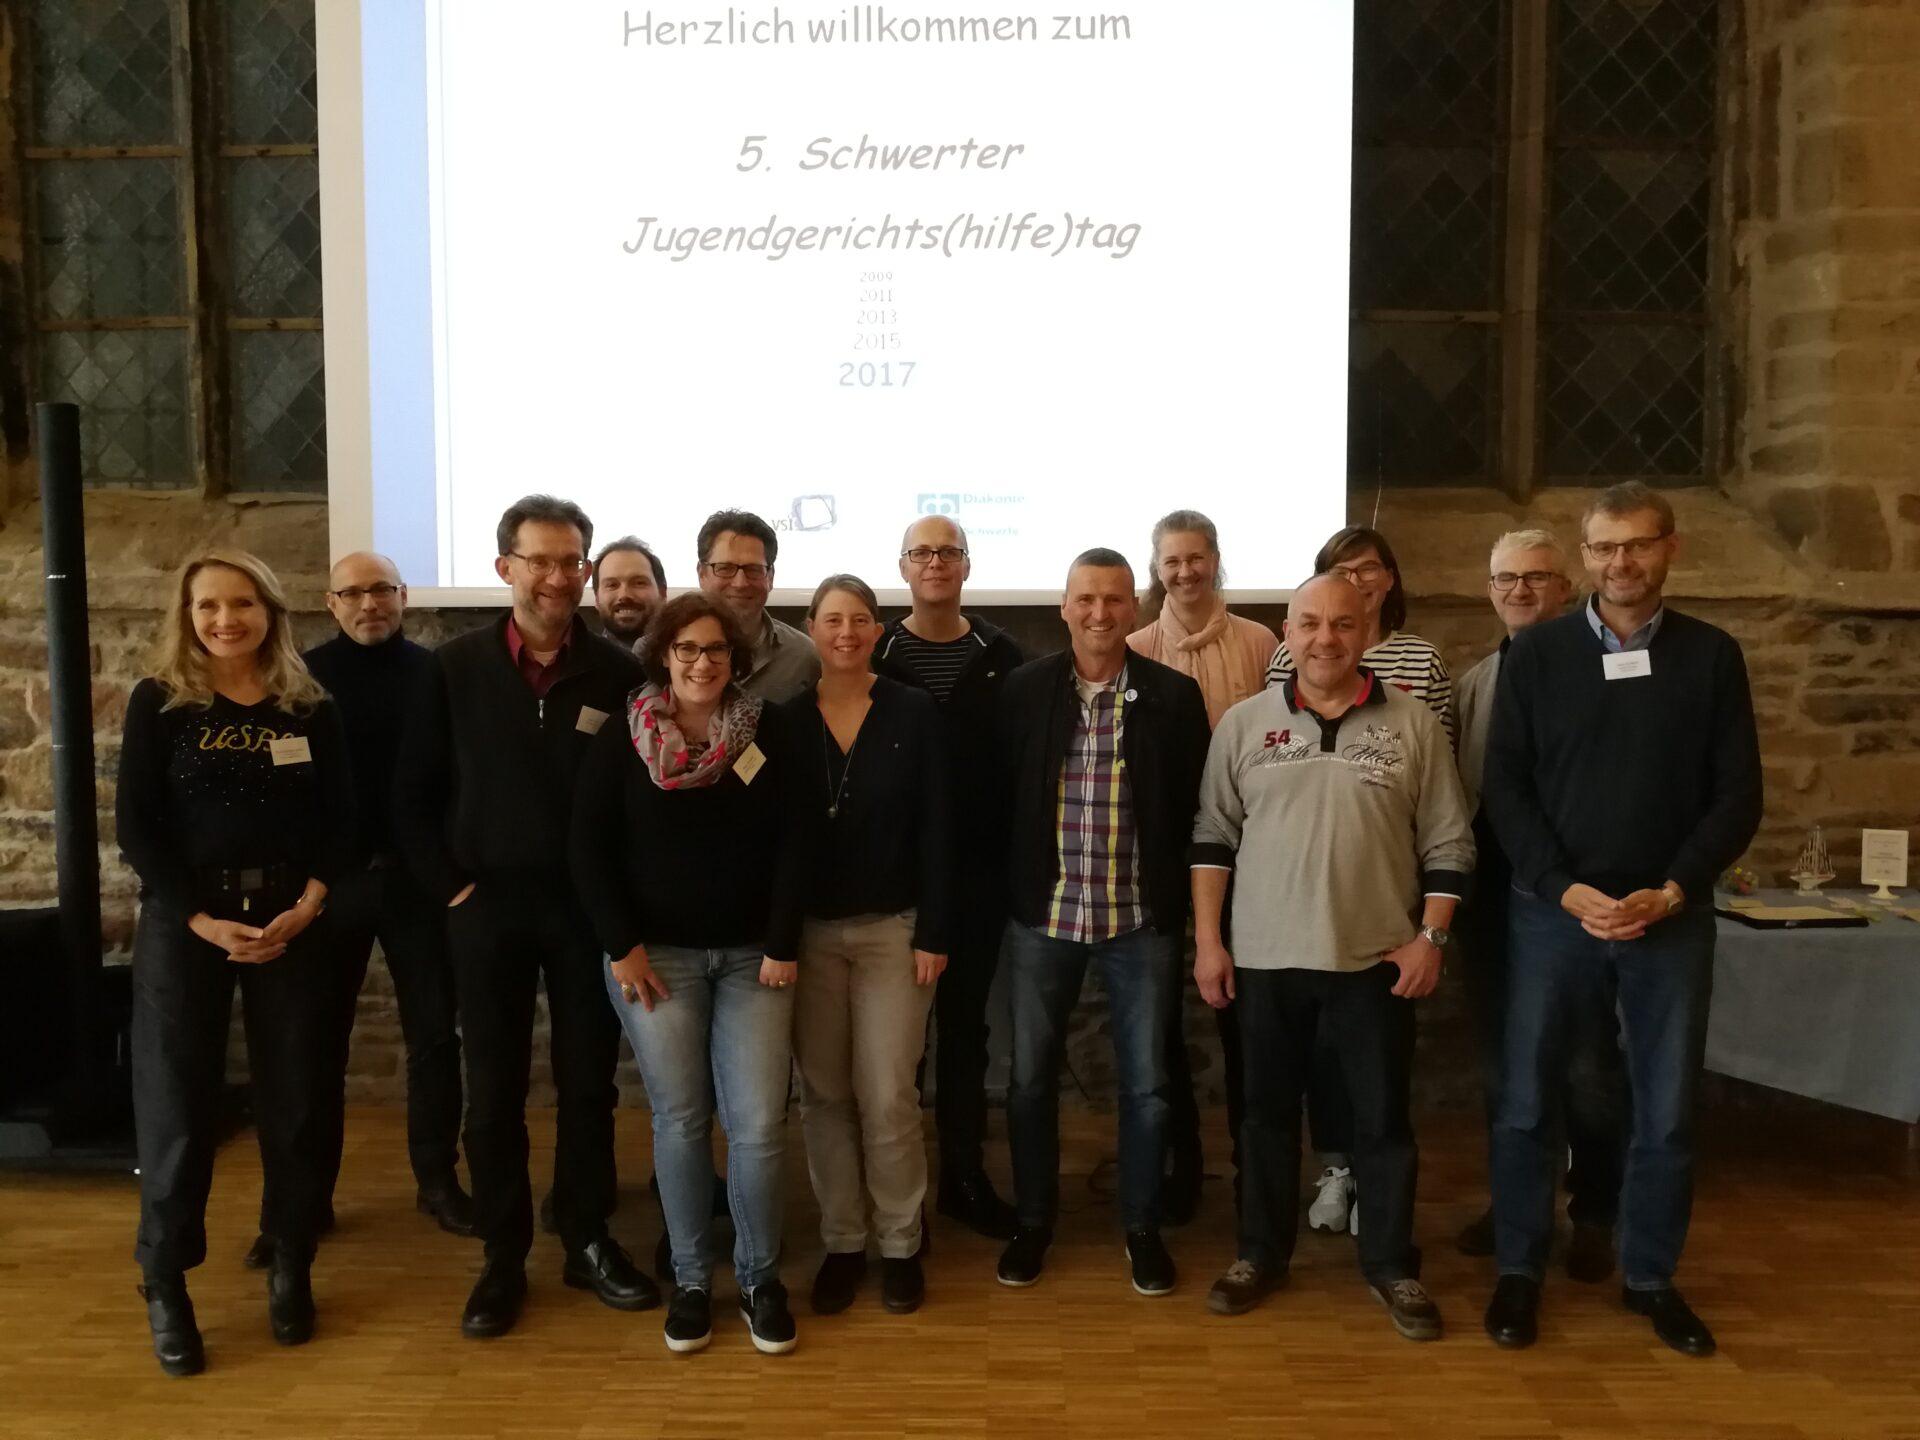 """""""5. Jugendgerichts(hilfe)tag"""" von VSI und Diakonie im Gemeindezentrum St. Viktor"""